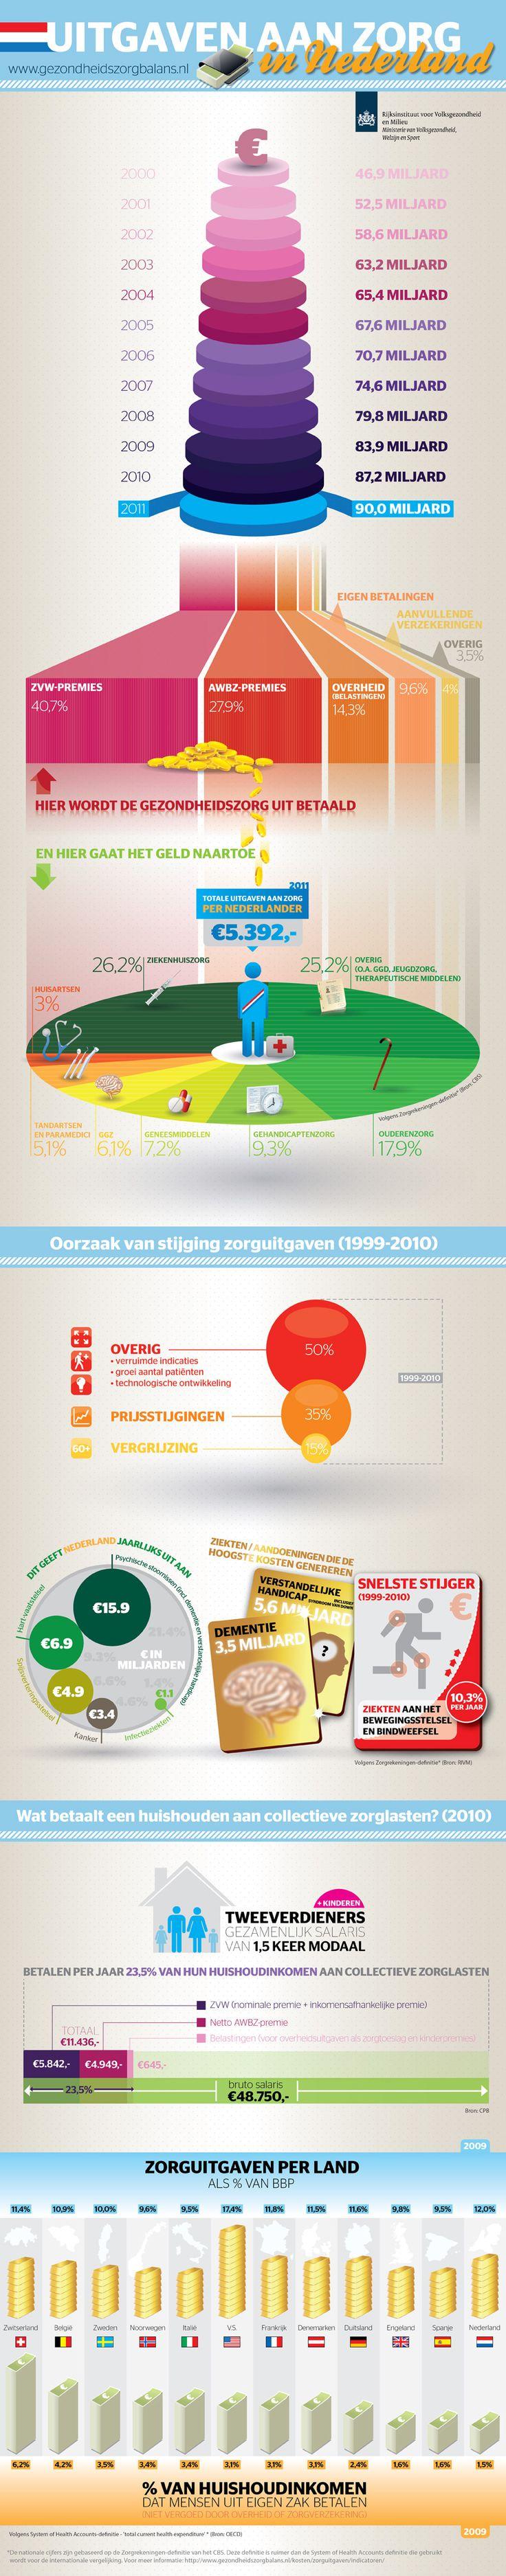 Infographic Uitgaven aan in Nederland, 2011, via